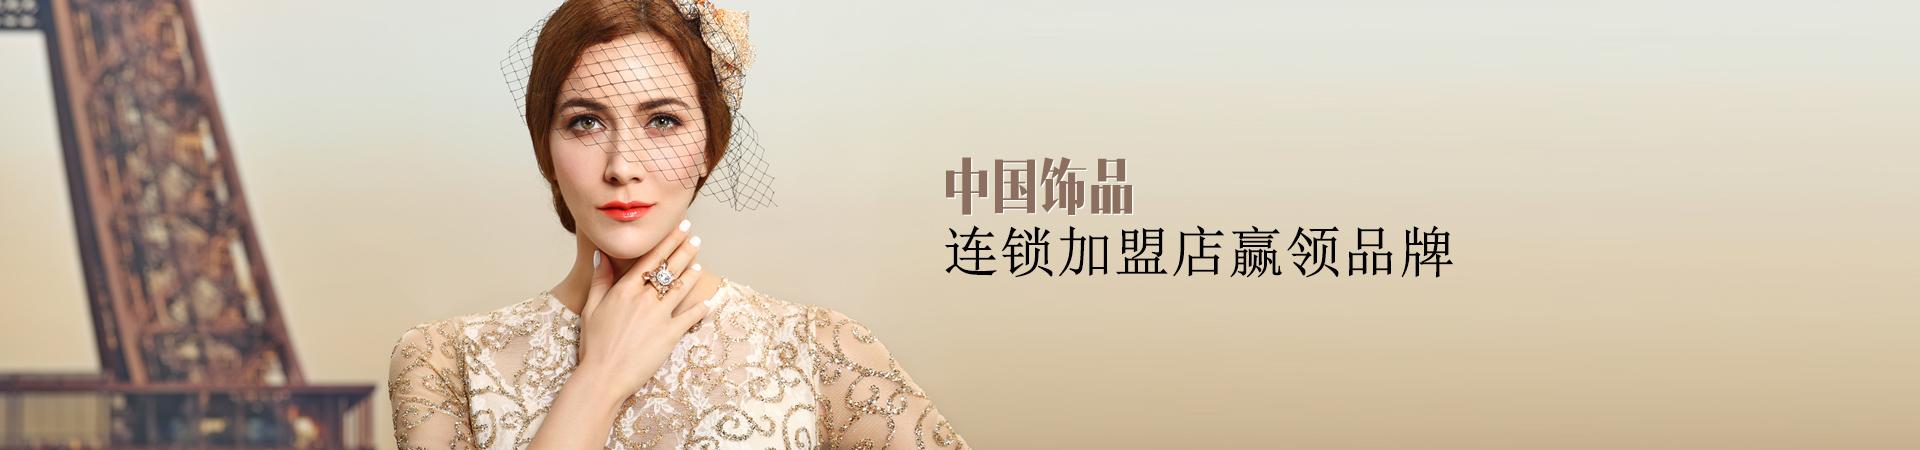 佩琪-中国饰品连锁加盟店赢领品牌